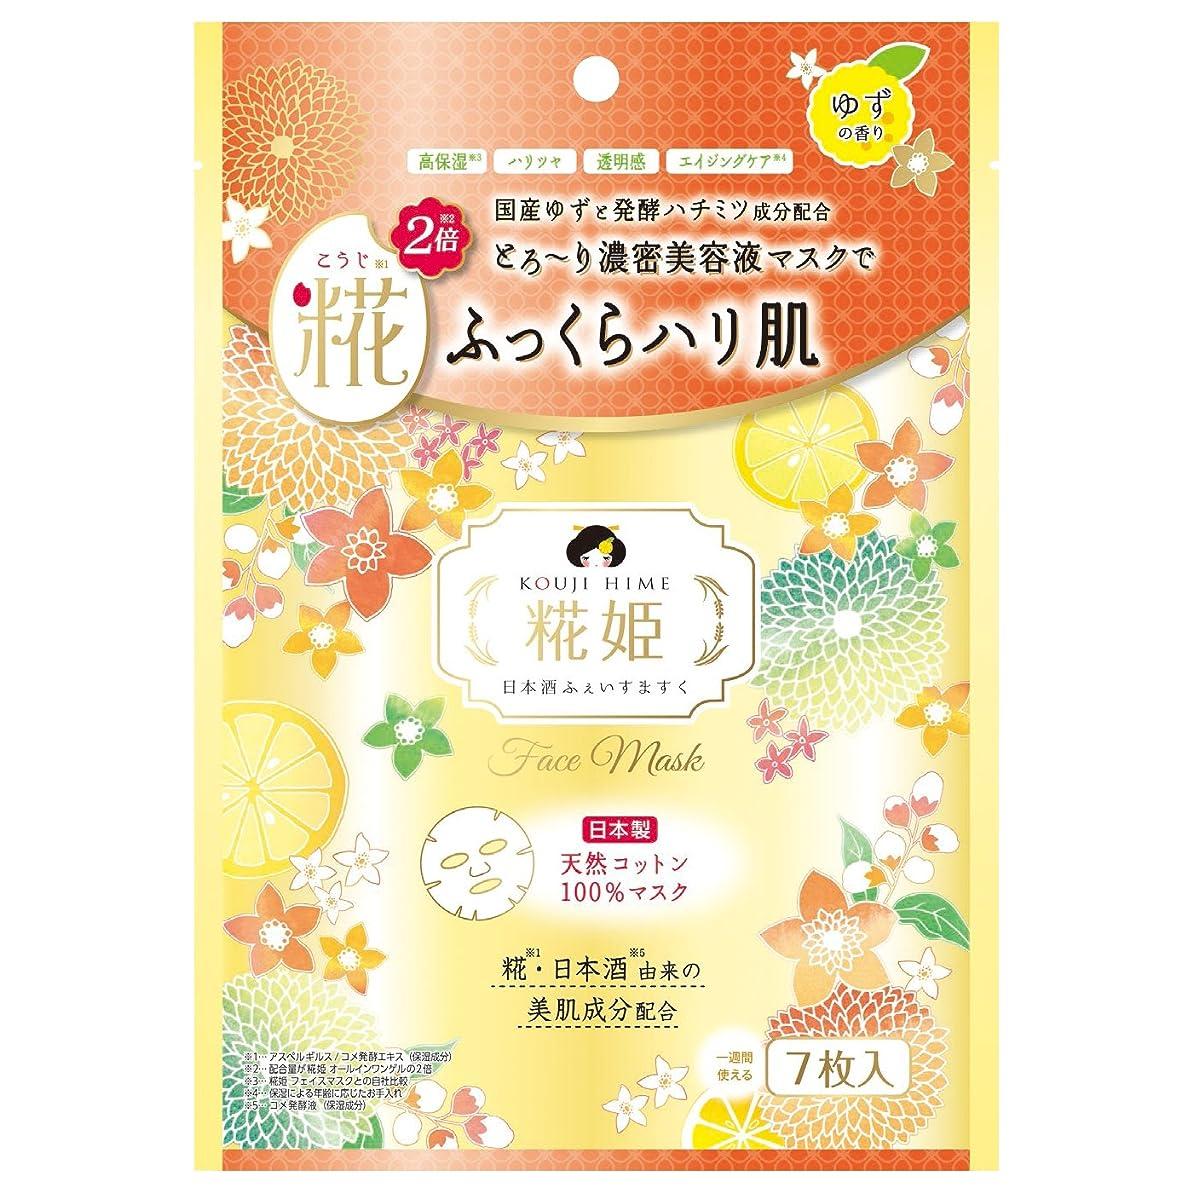 装置エラーセーブ糀姫 ふぇいすますく (ゆずの香り) (7枚入)